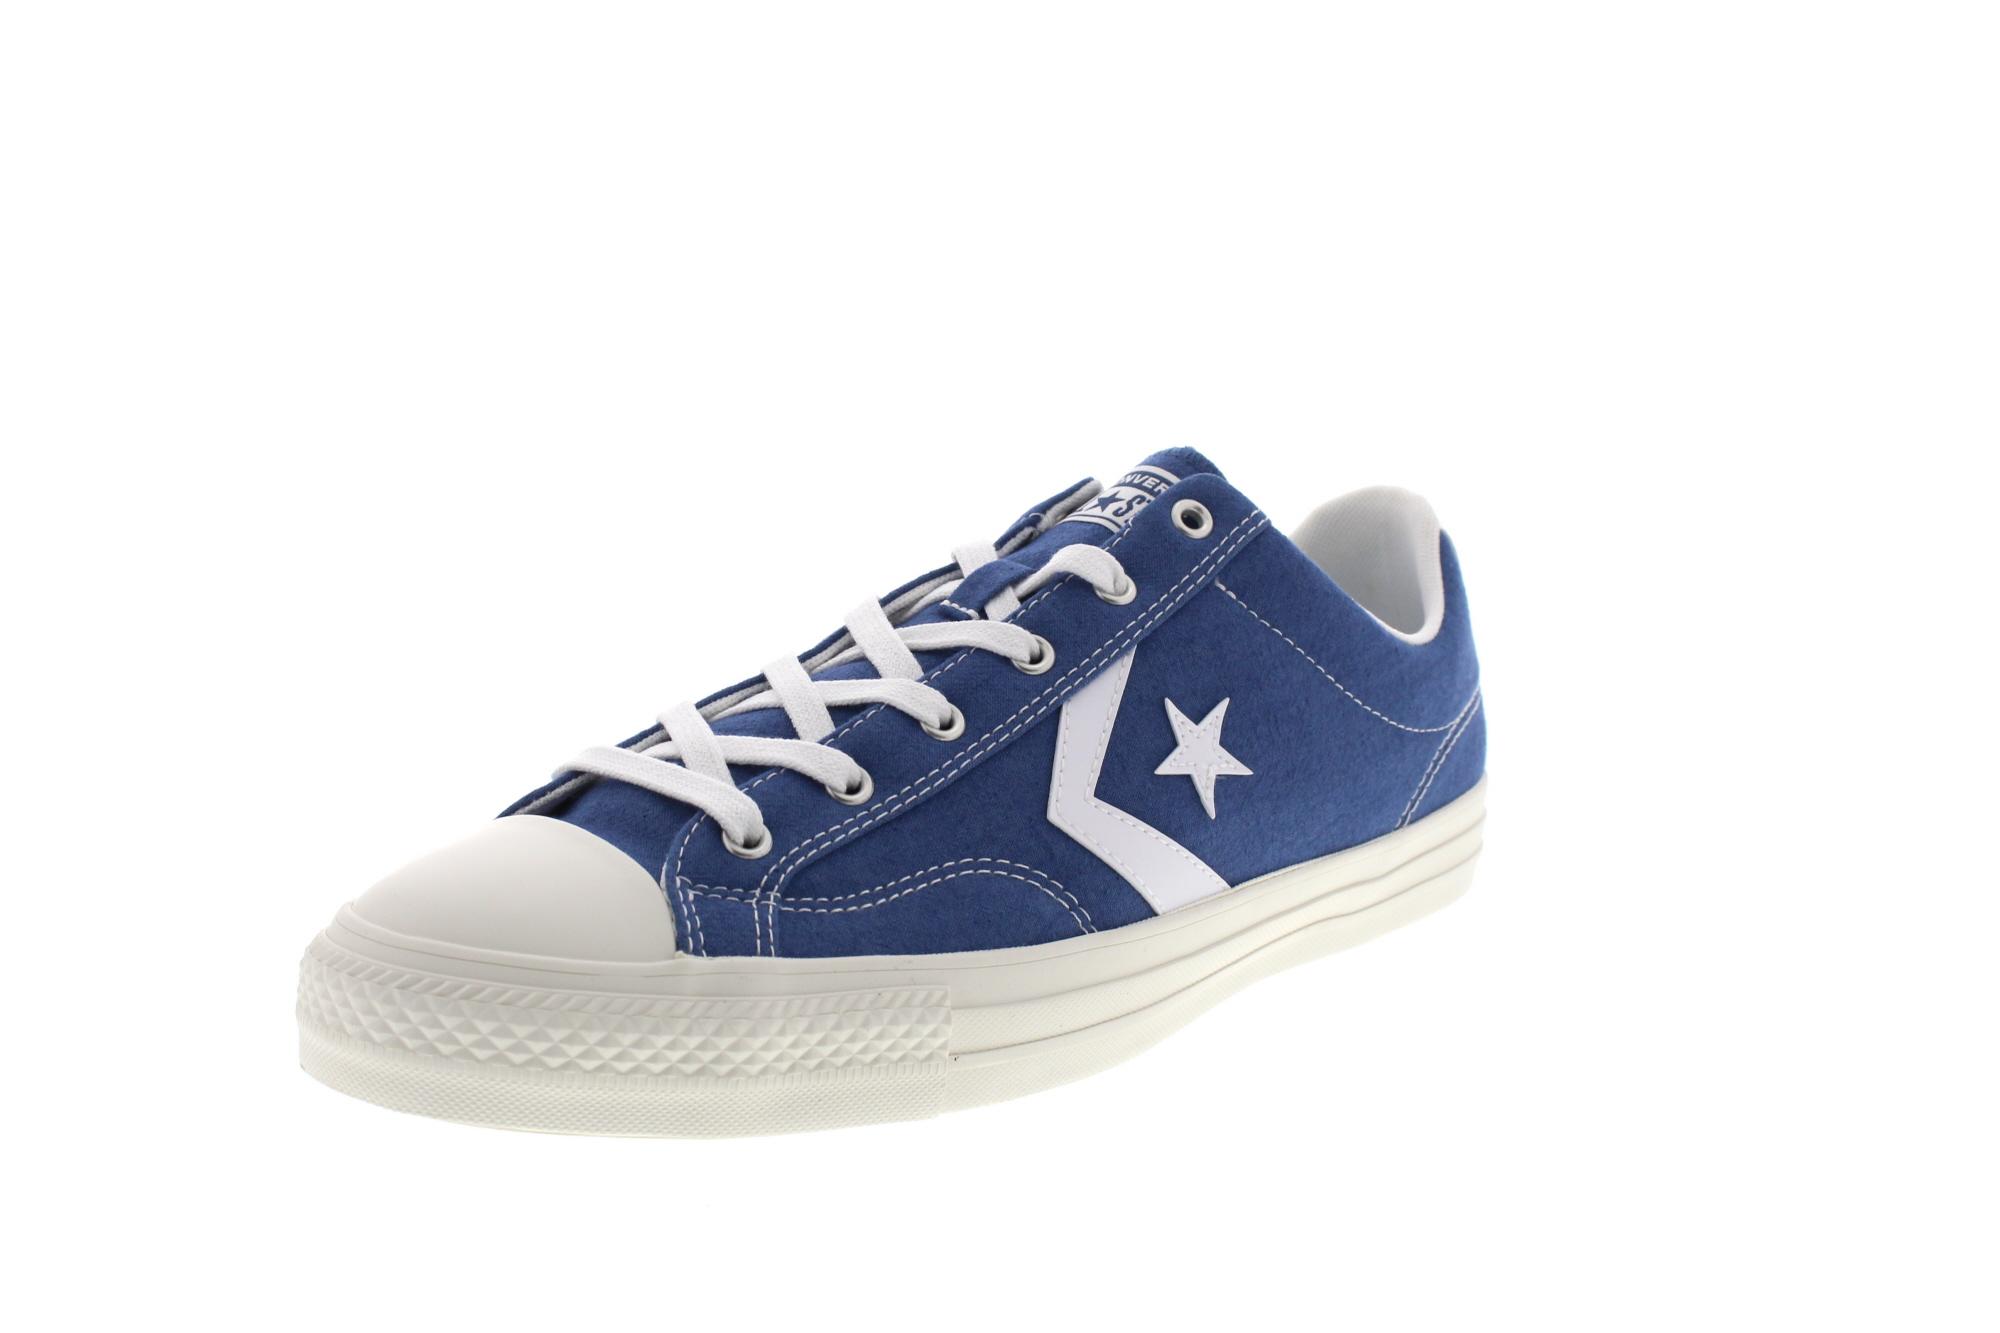 CONVERSE in Übergrößen STAR PLAYER OX 161567C mason blue